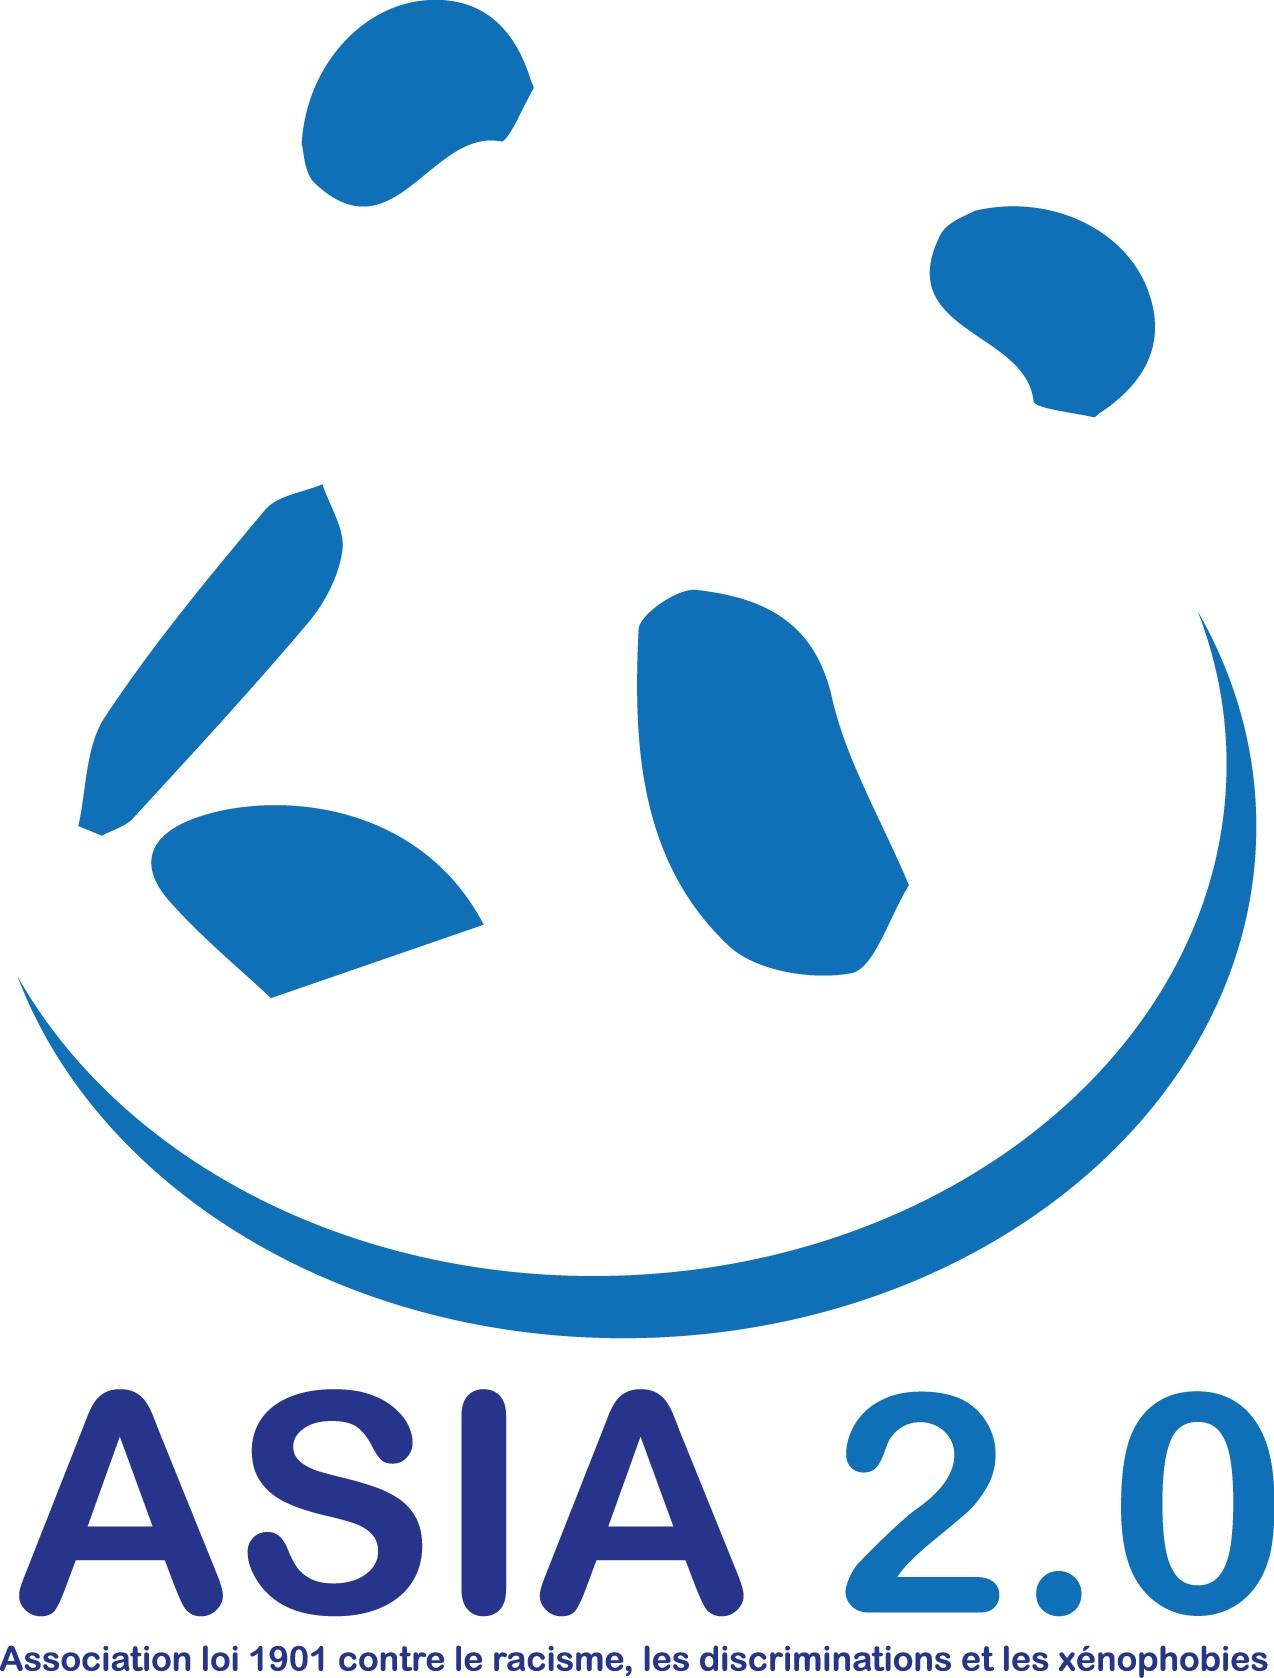 Asia2.0